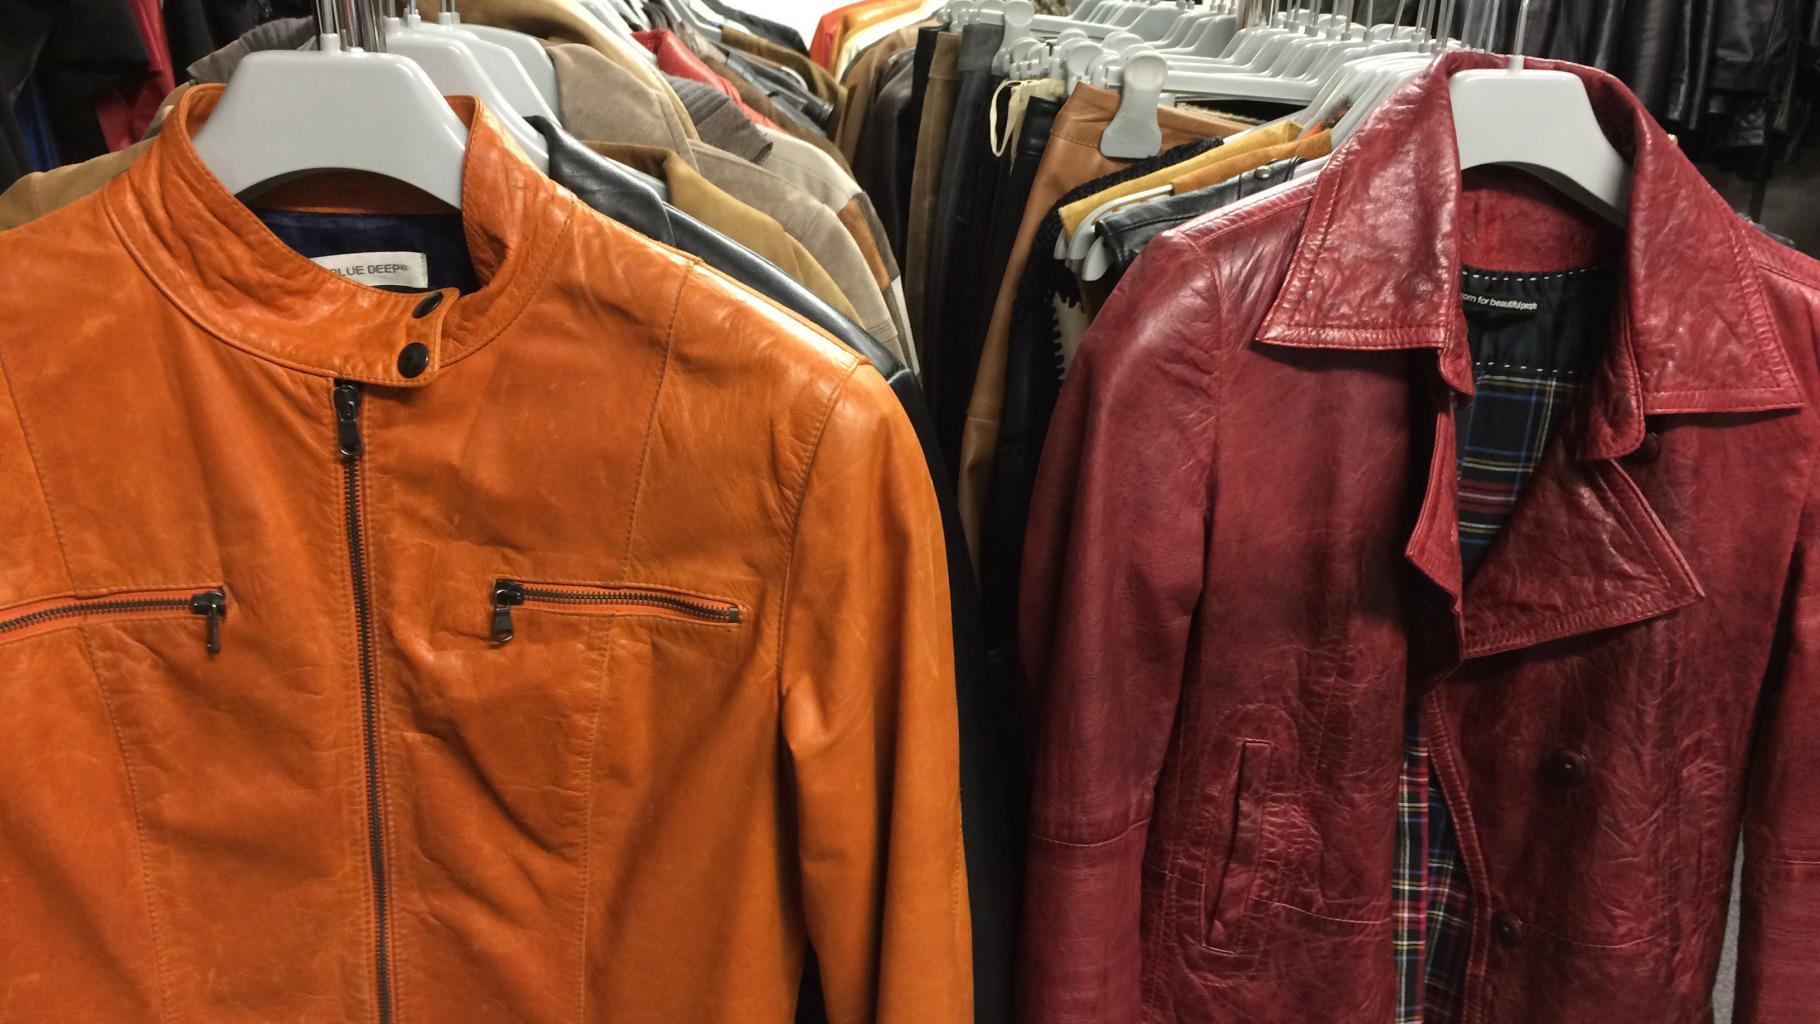 Leder-Sachen gibt es günstig im Oxfam Shop